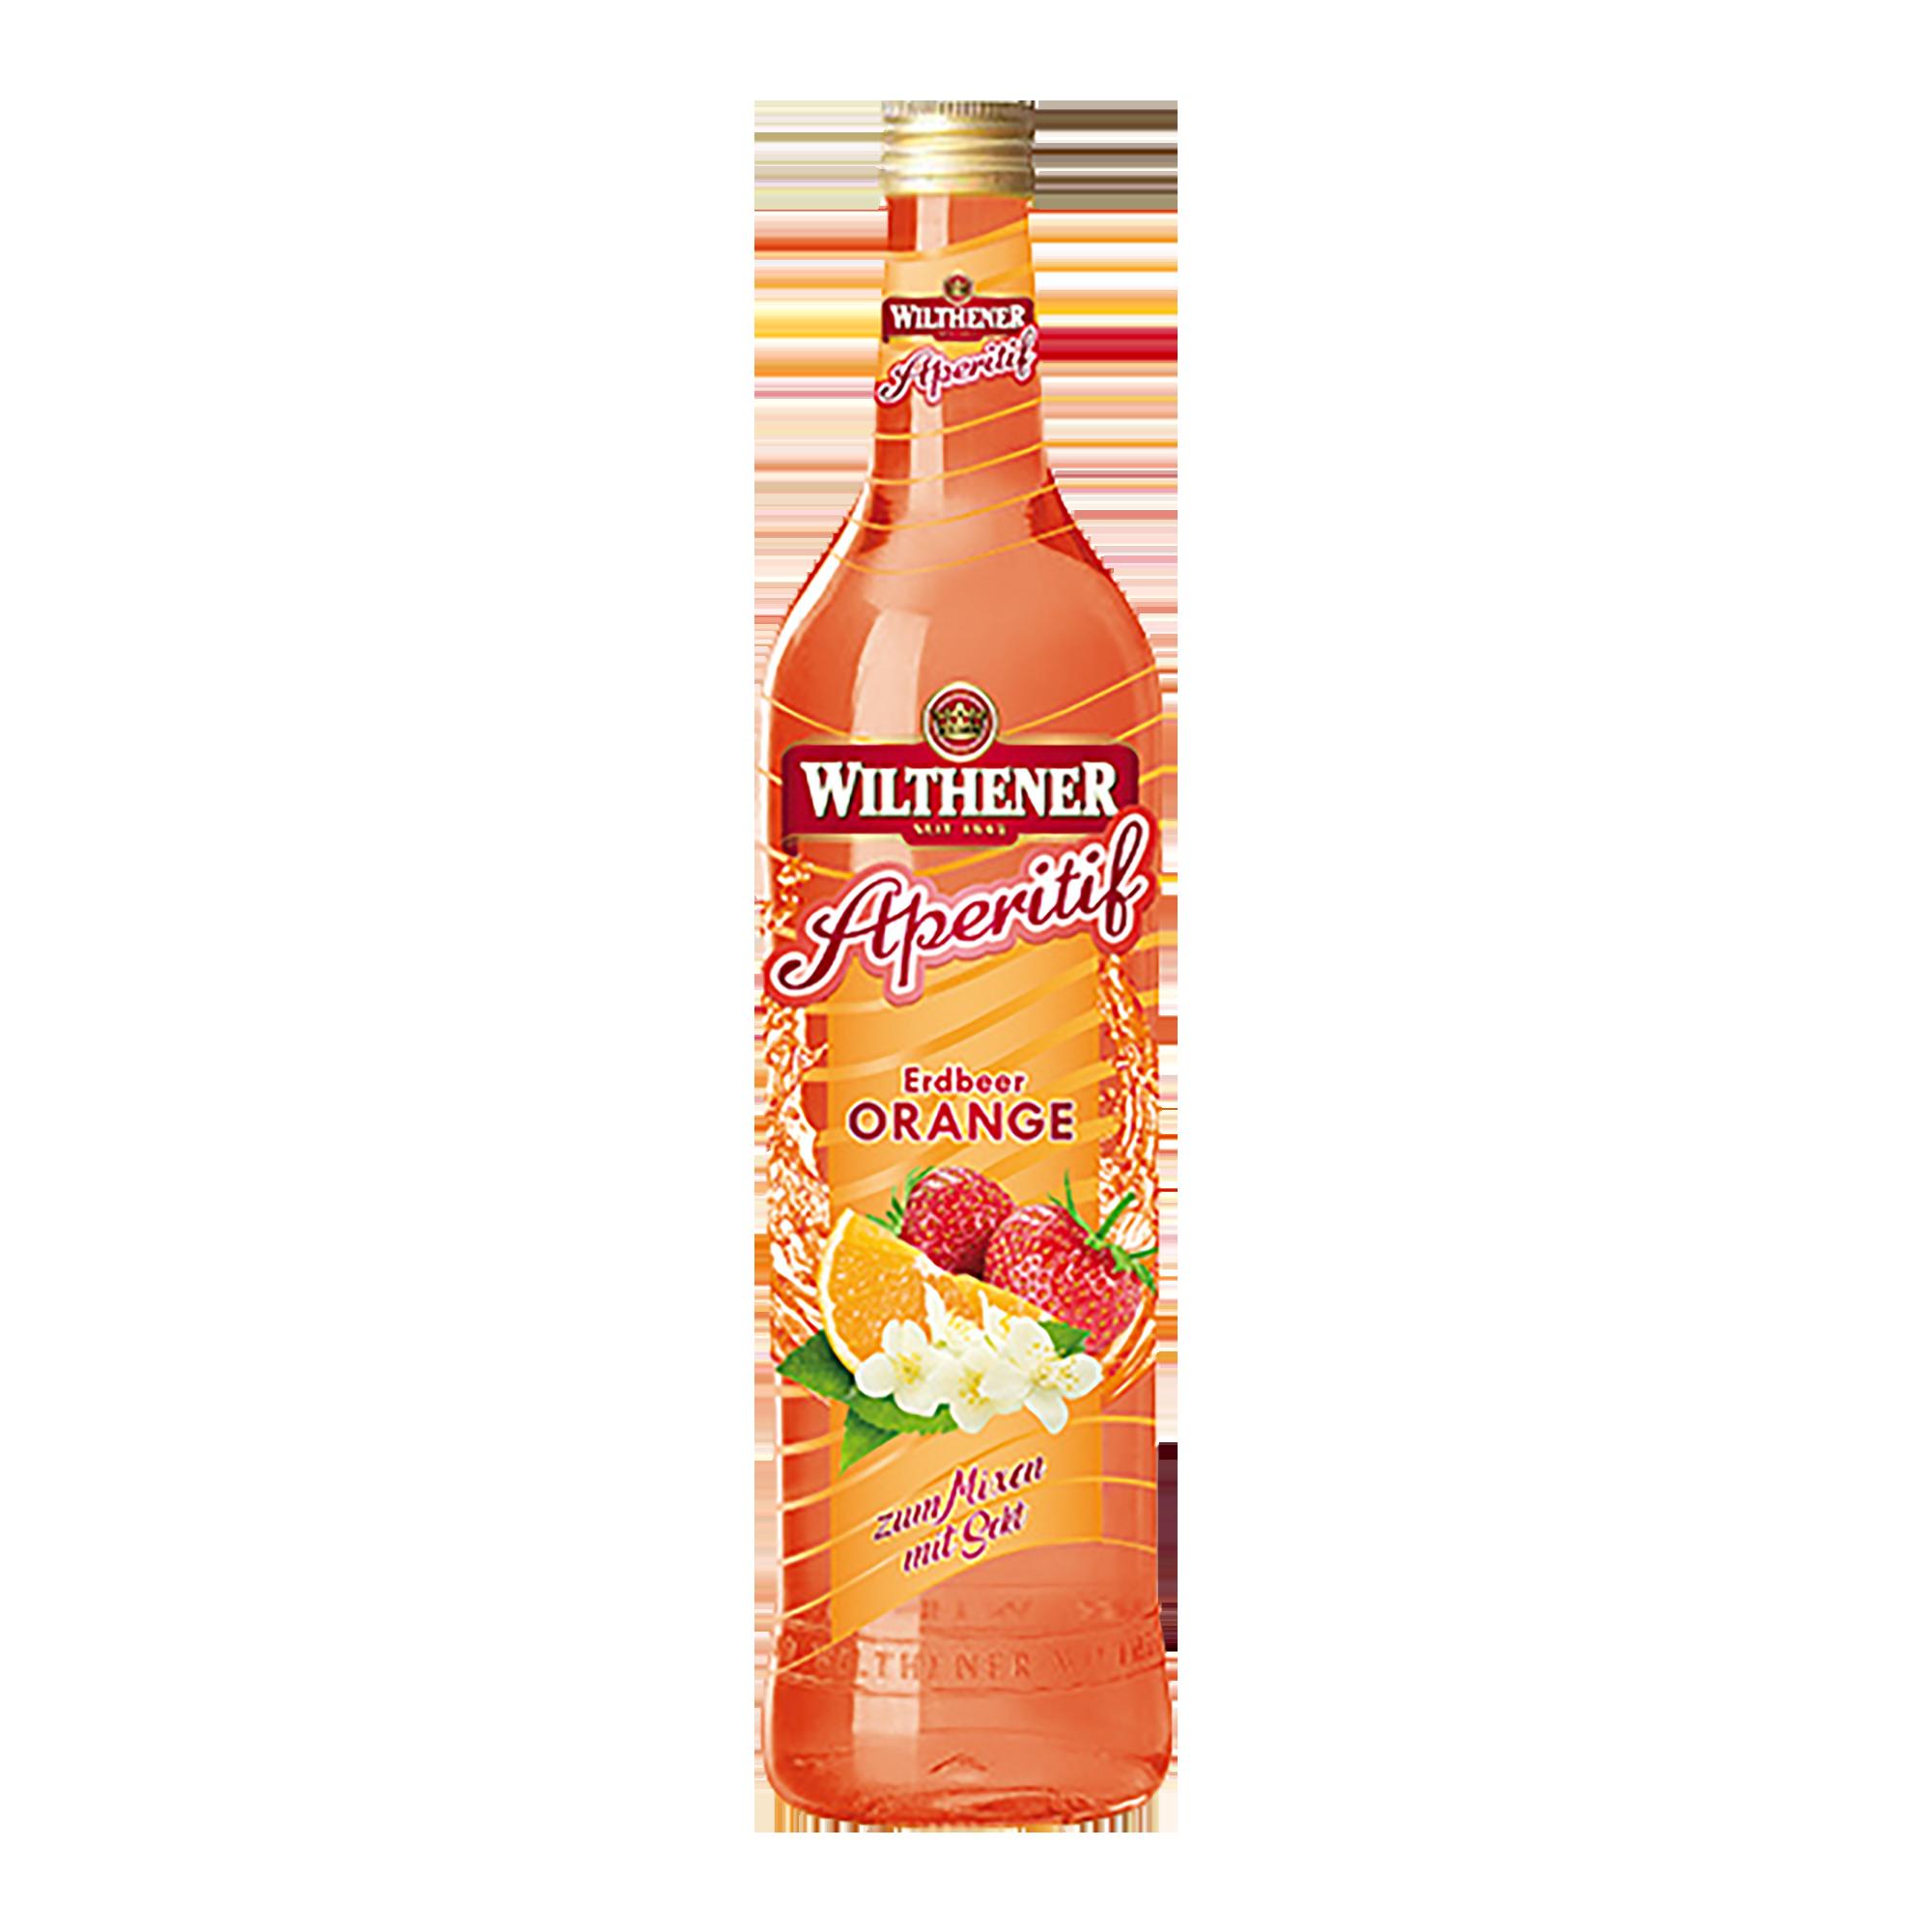 Wilthener Aperitif Erdbeer-Orange 0,7l